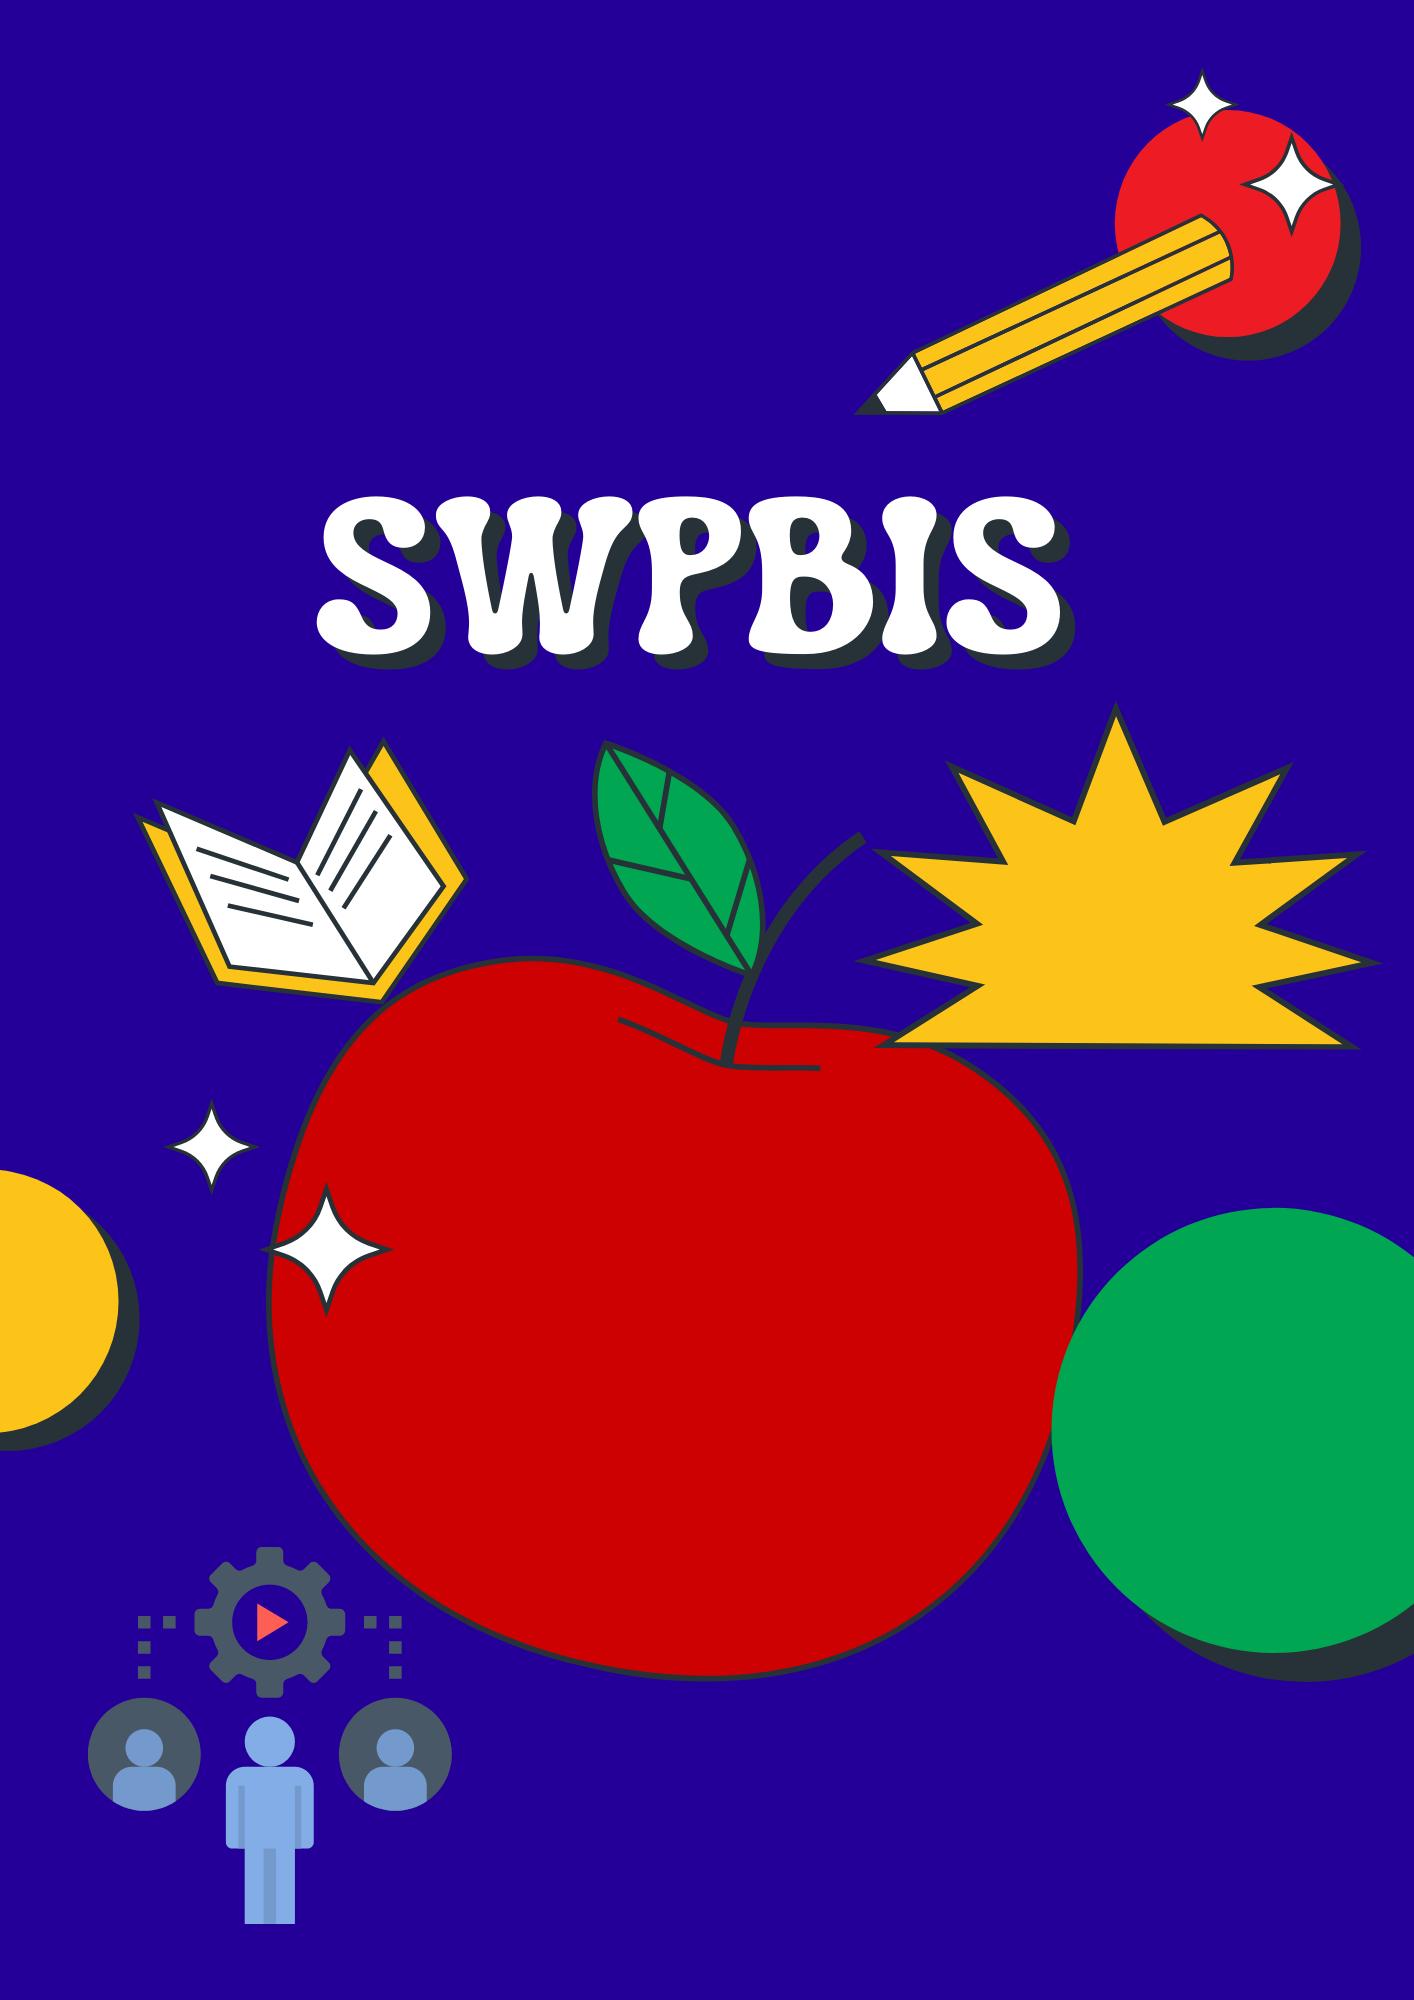 SWPBIS